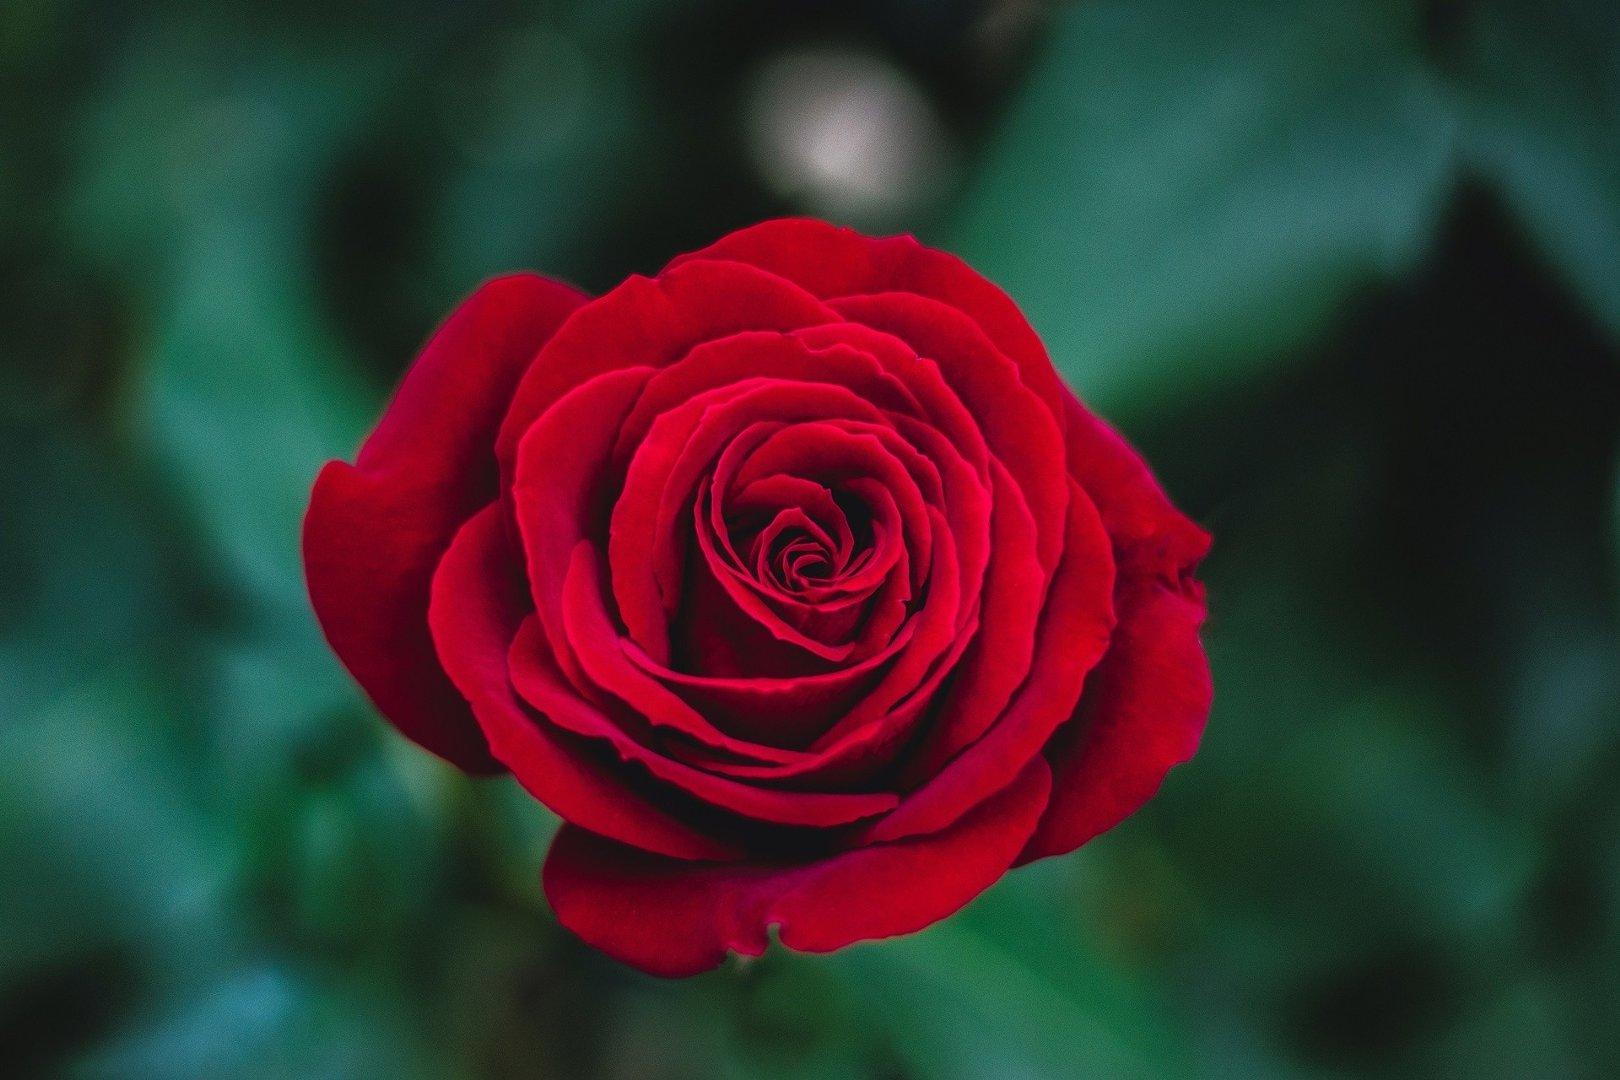 życzenia Imieninowe Dla Małgorzaty 17 Października Na